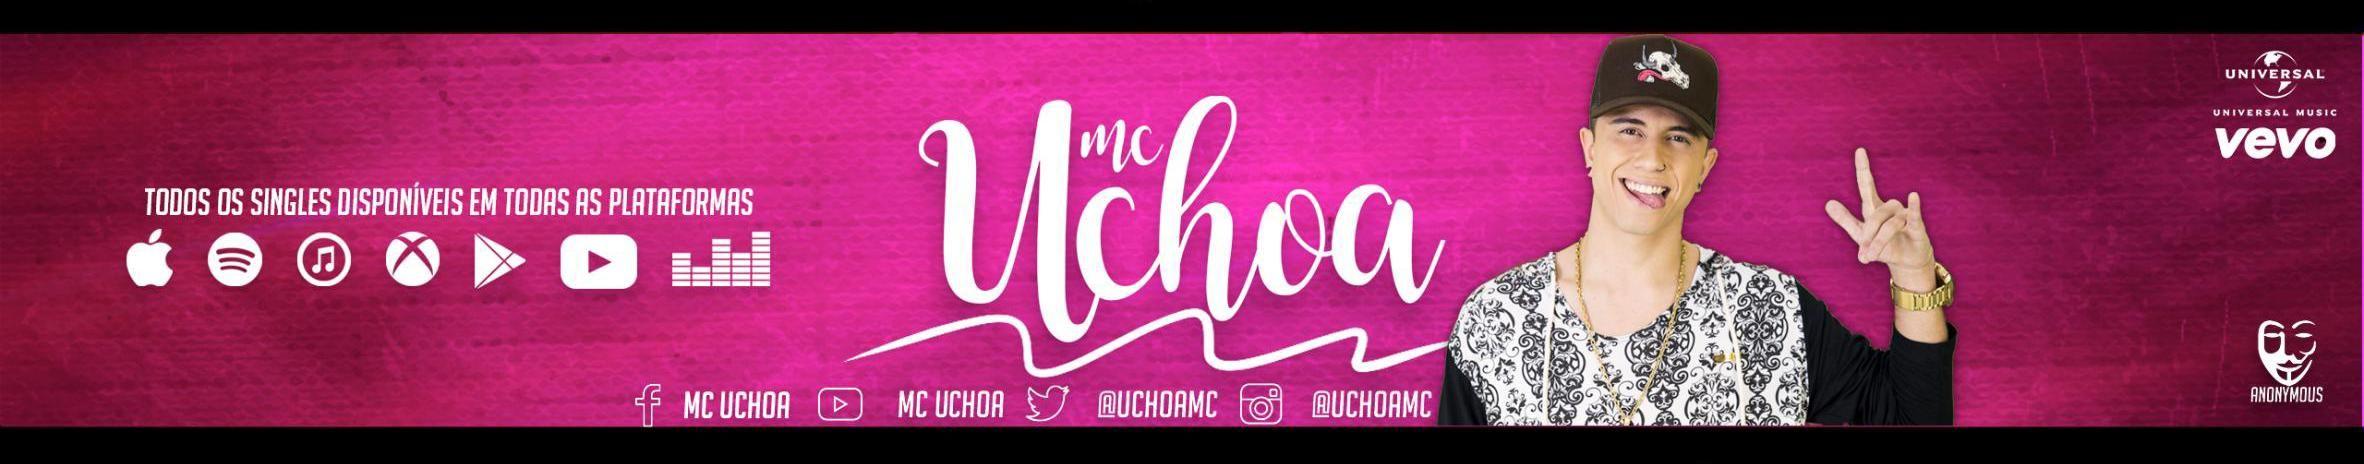 Imagem de capa de Uchoa